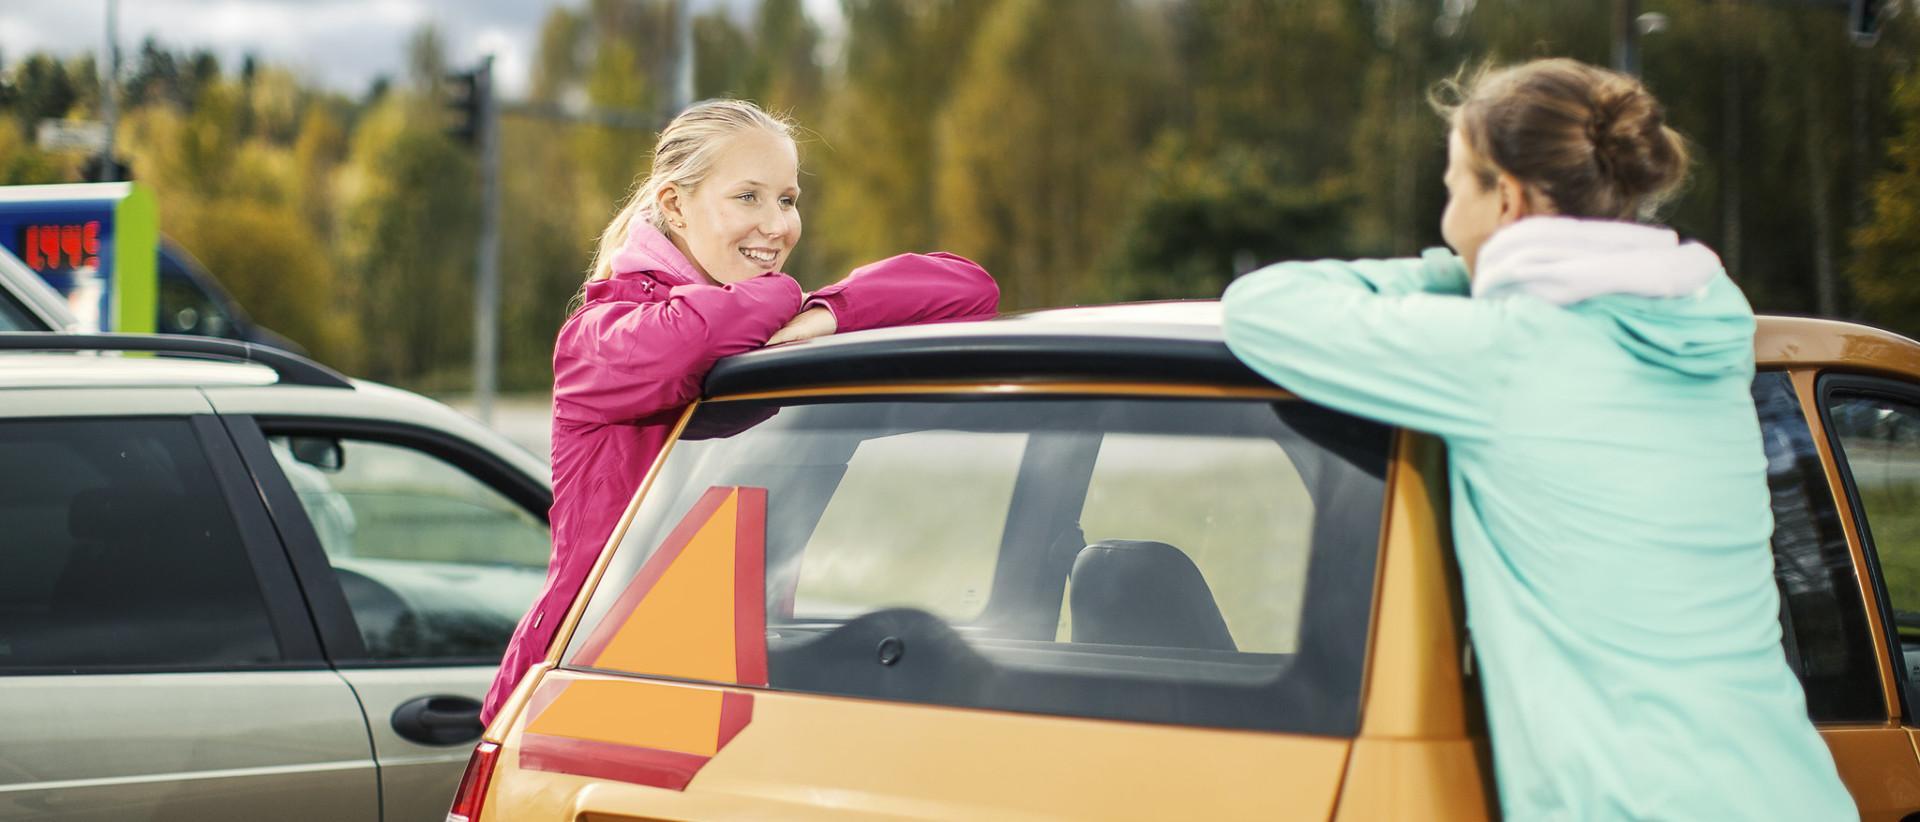 Kuvassa kaksi tyttöä mopoauton vieressä.